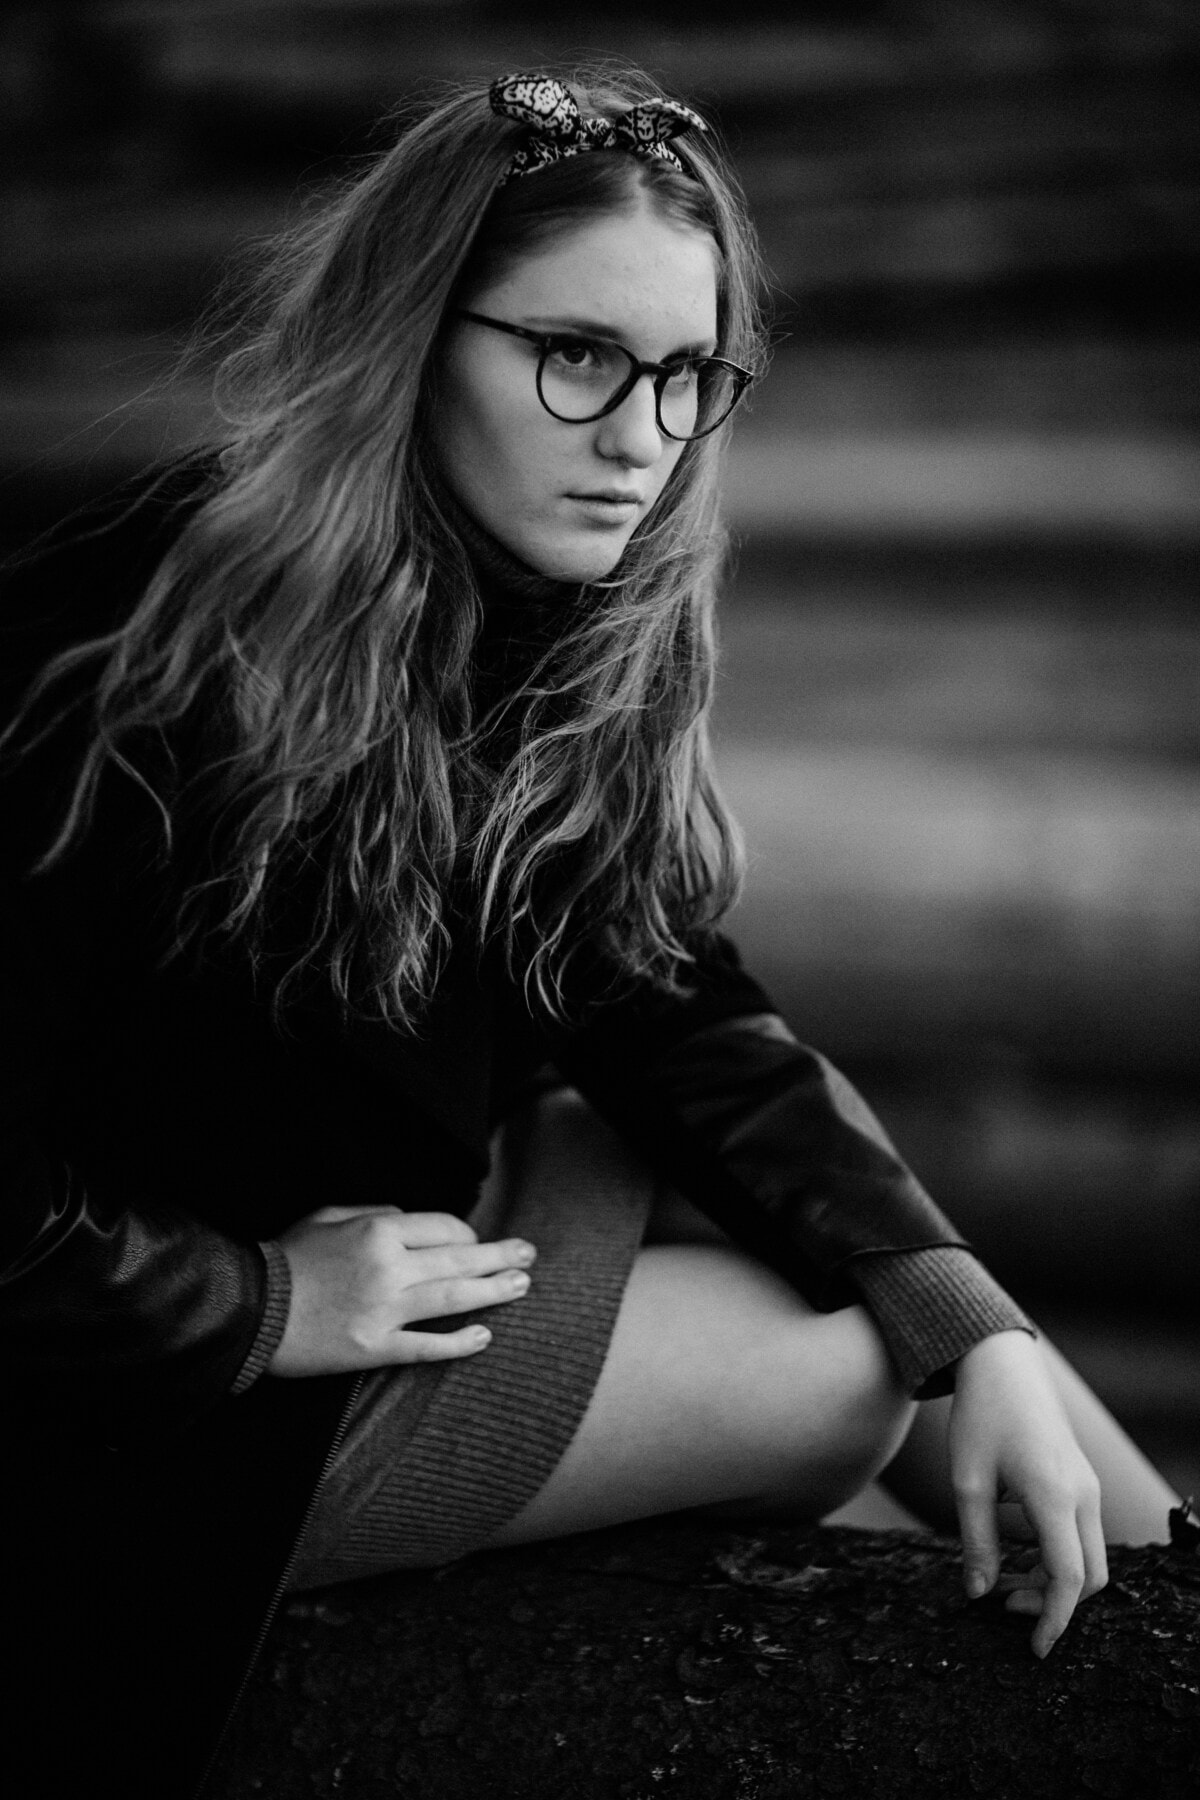 adolescent, Jolie fille, lunettes de vue, monochrome, portrait, noir, attrayant, jeune fille, personne, modèle